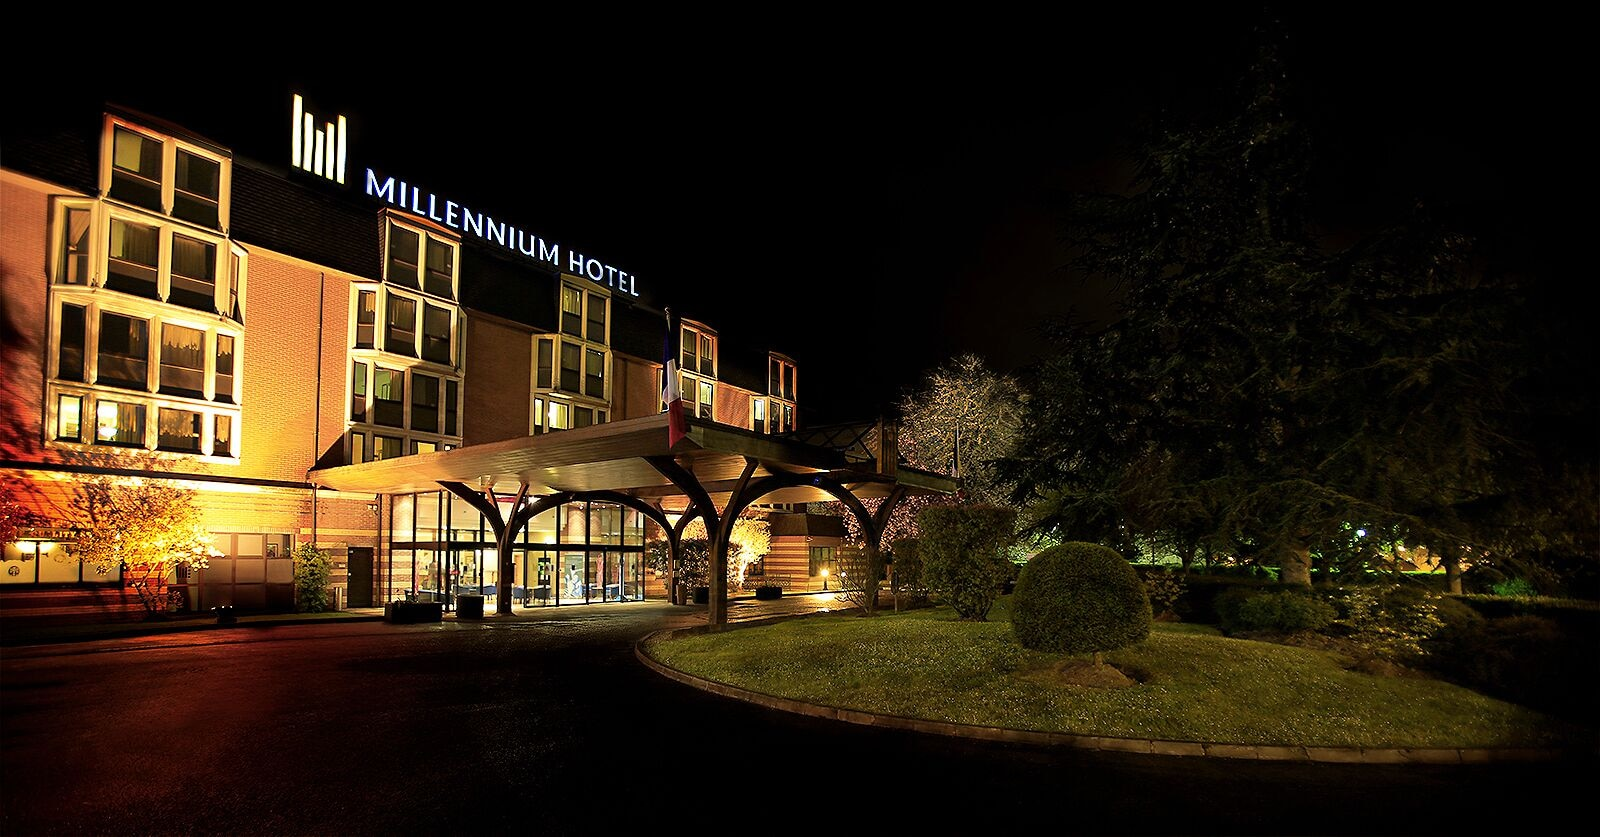 Millennium Hotel Paris Charles de Gaulle, Val-d'Oise